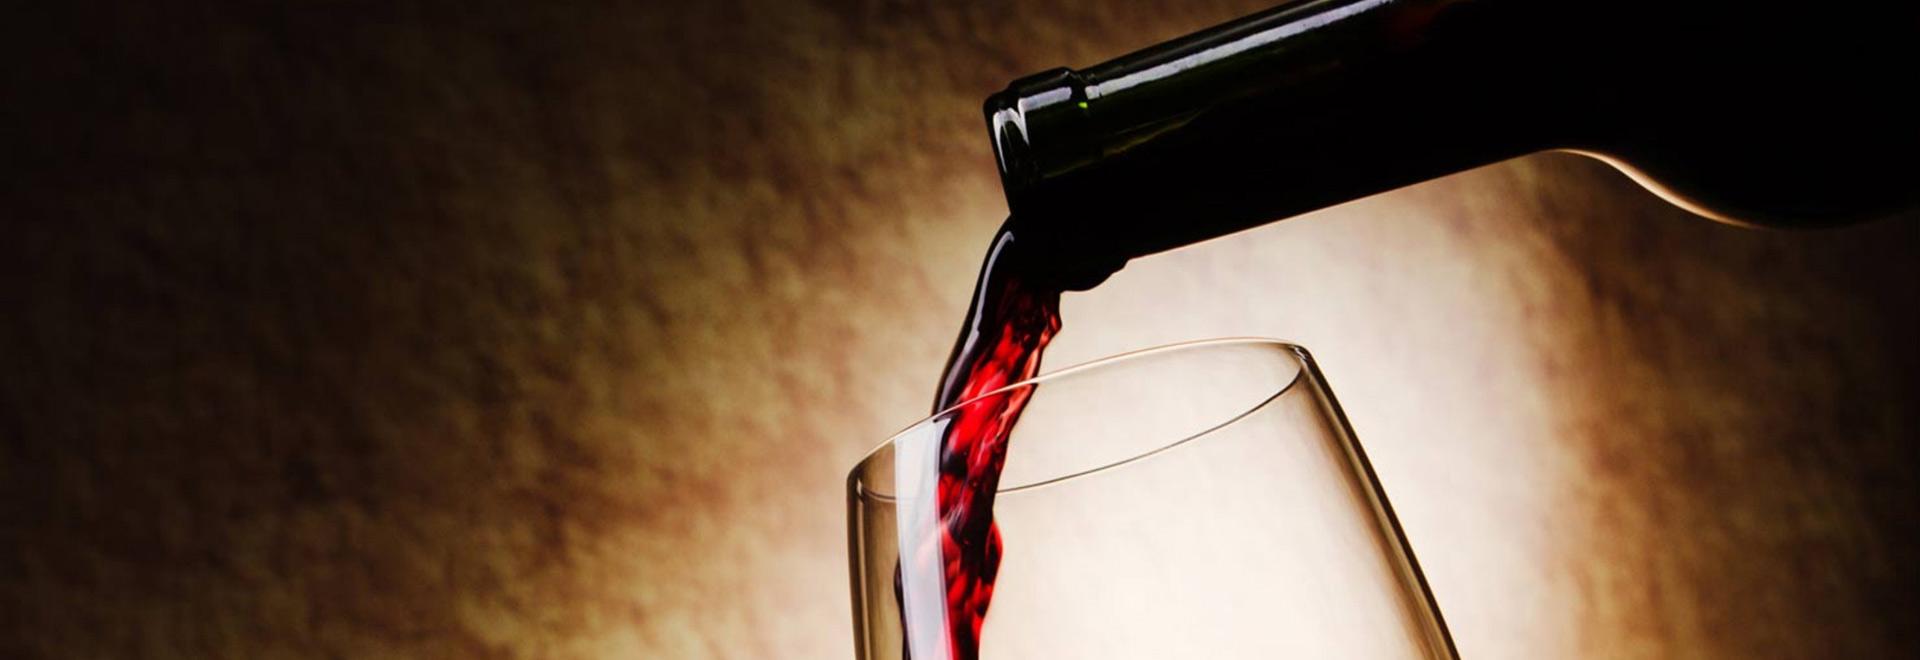 veleprodaja vina split